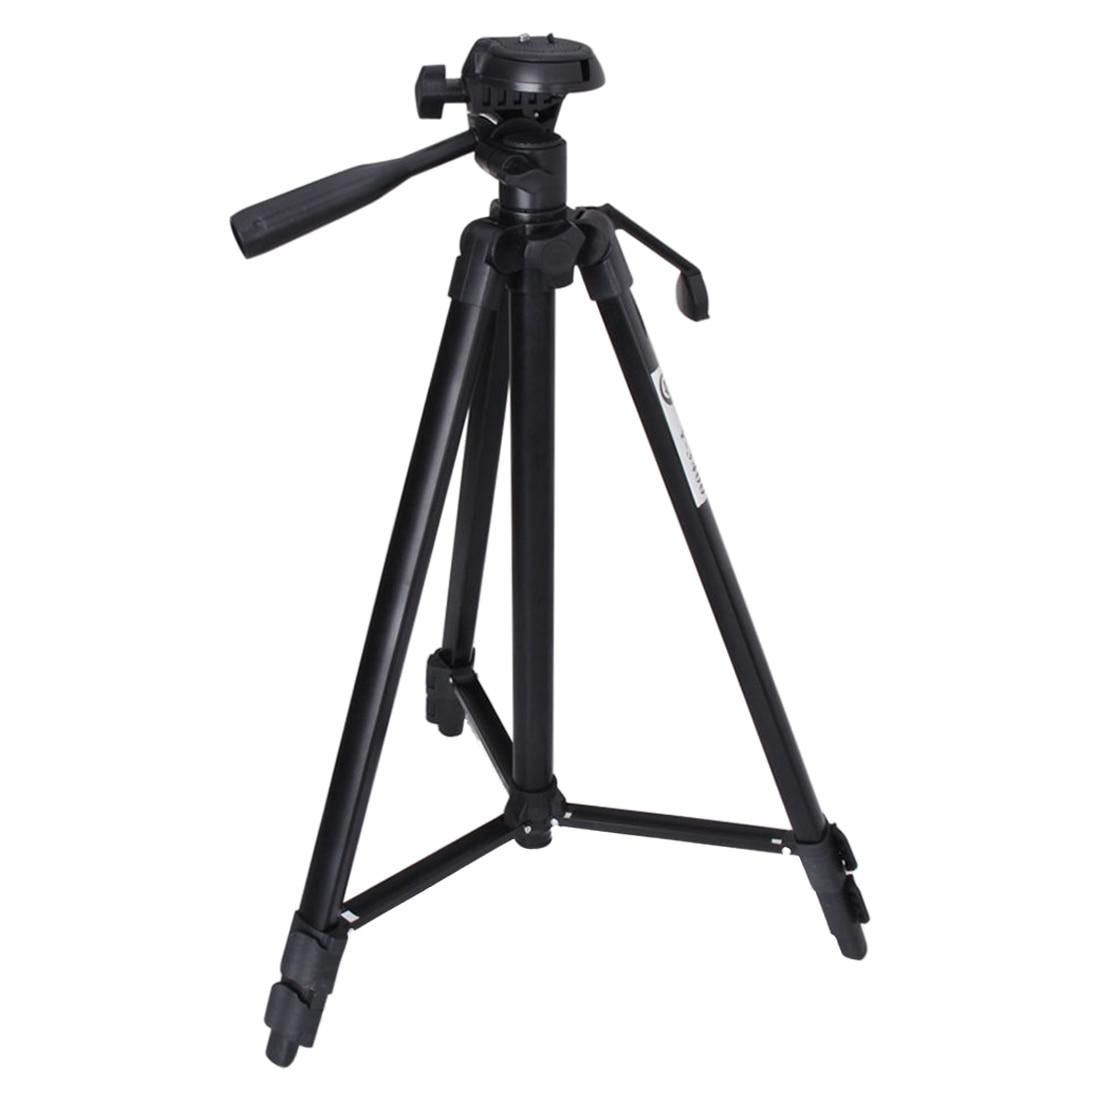 MAHA Nouvelle Vidéo DSLR Caméra Trépied Flexible Stand pour Canon 7D 5D Mark II 5D III 500D 550D